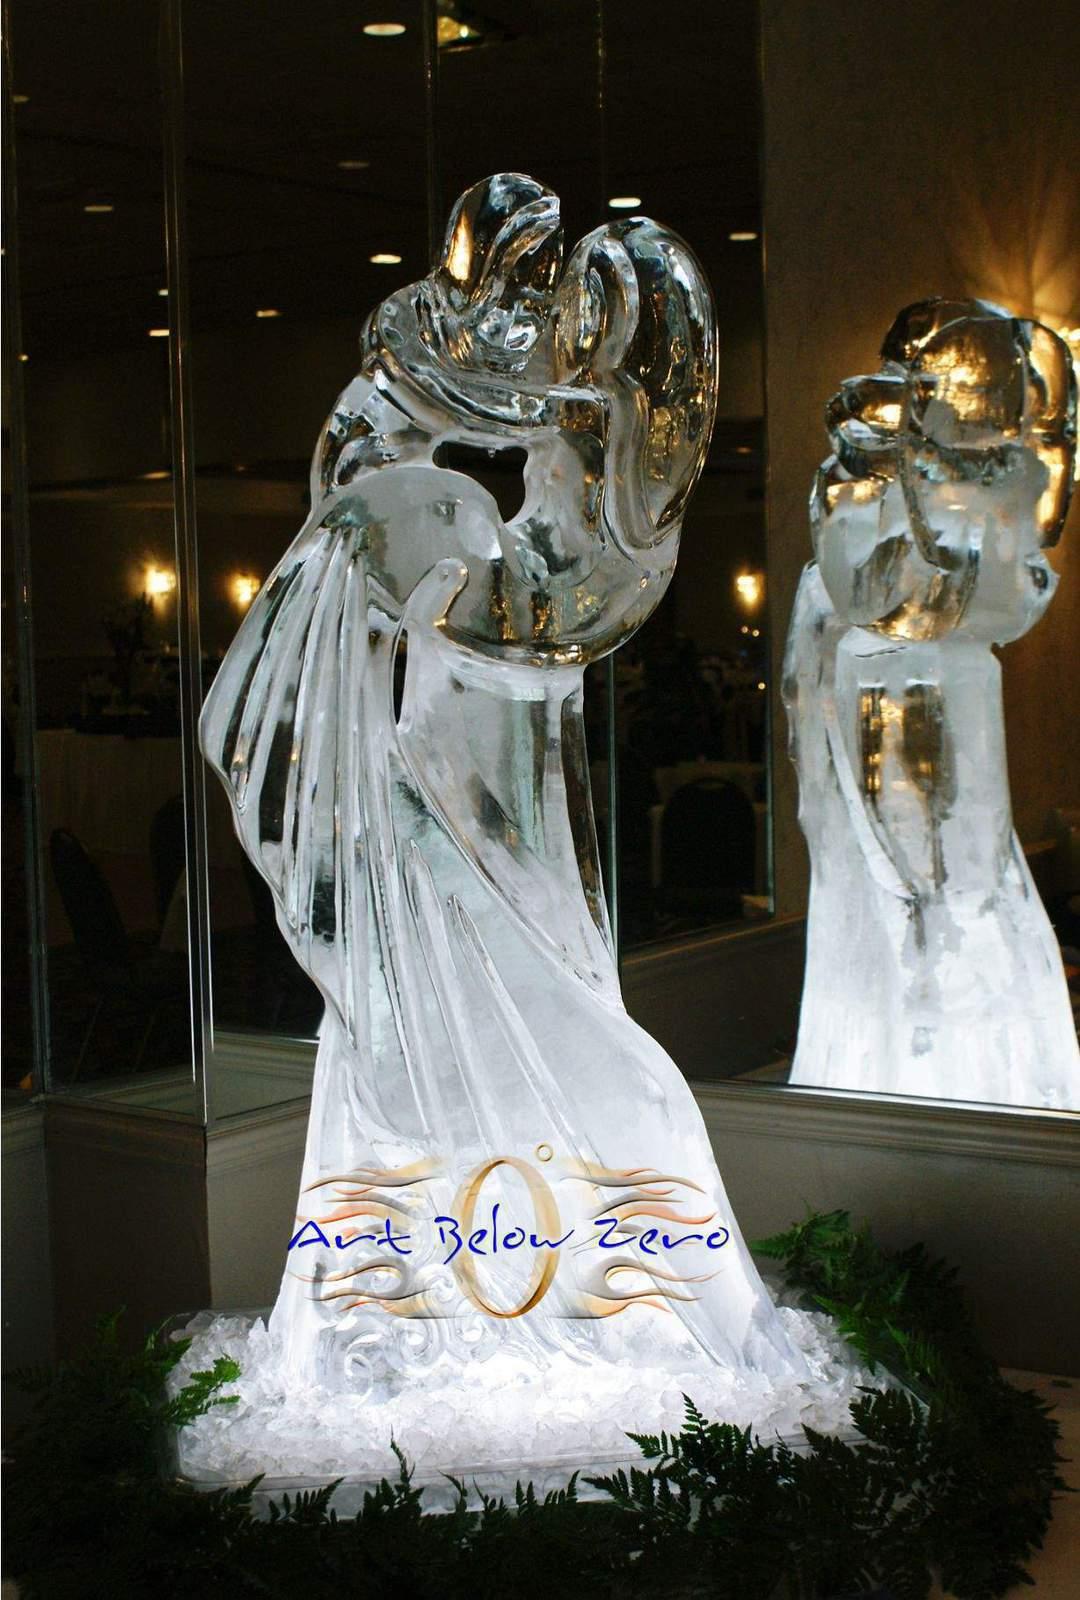 wedding ice sculptures by art below zero